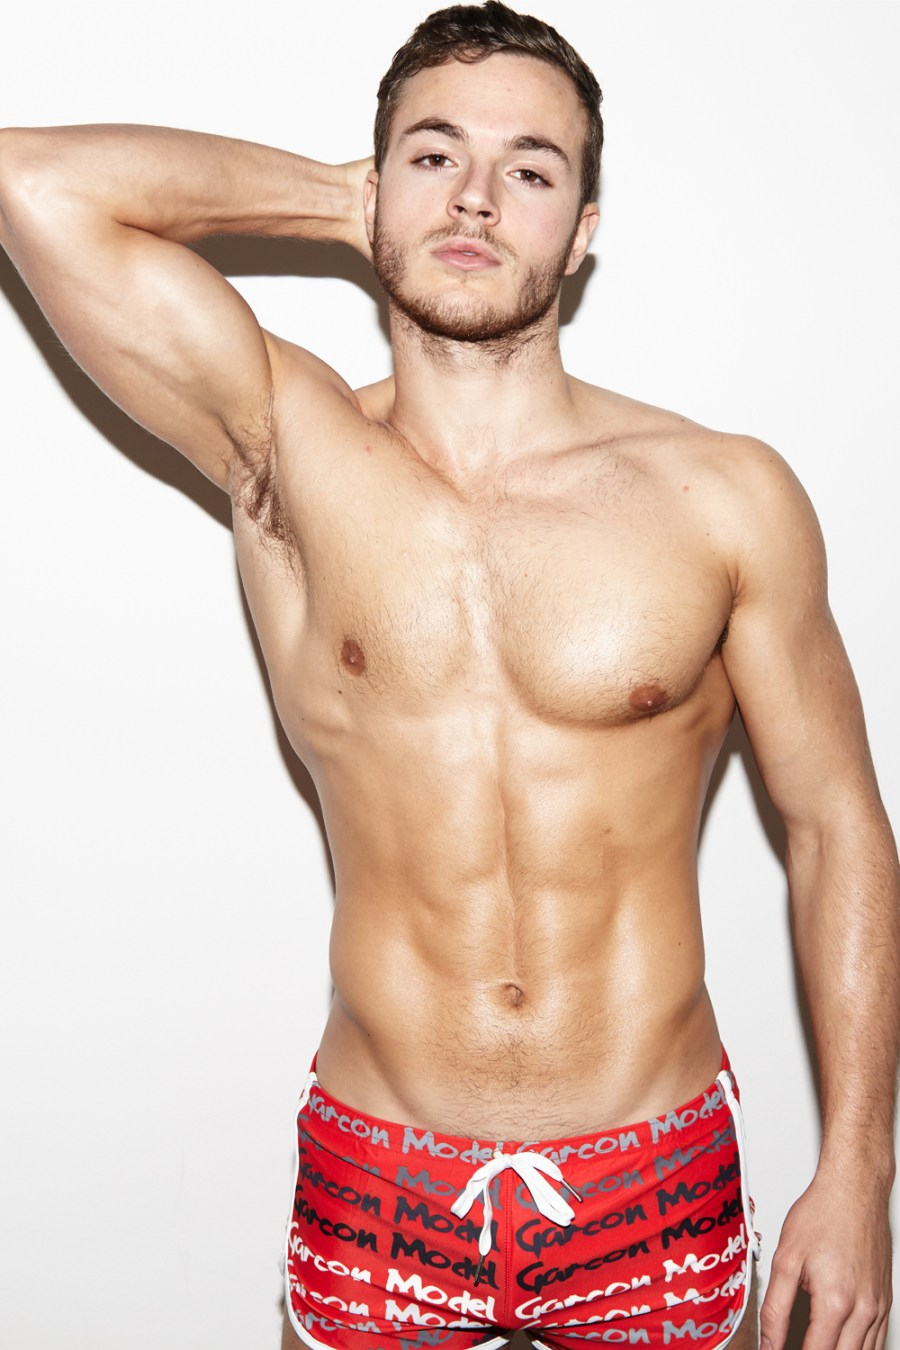 New hot hot pictures of model Benjamin shot by Jonas Huckstorf